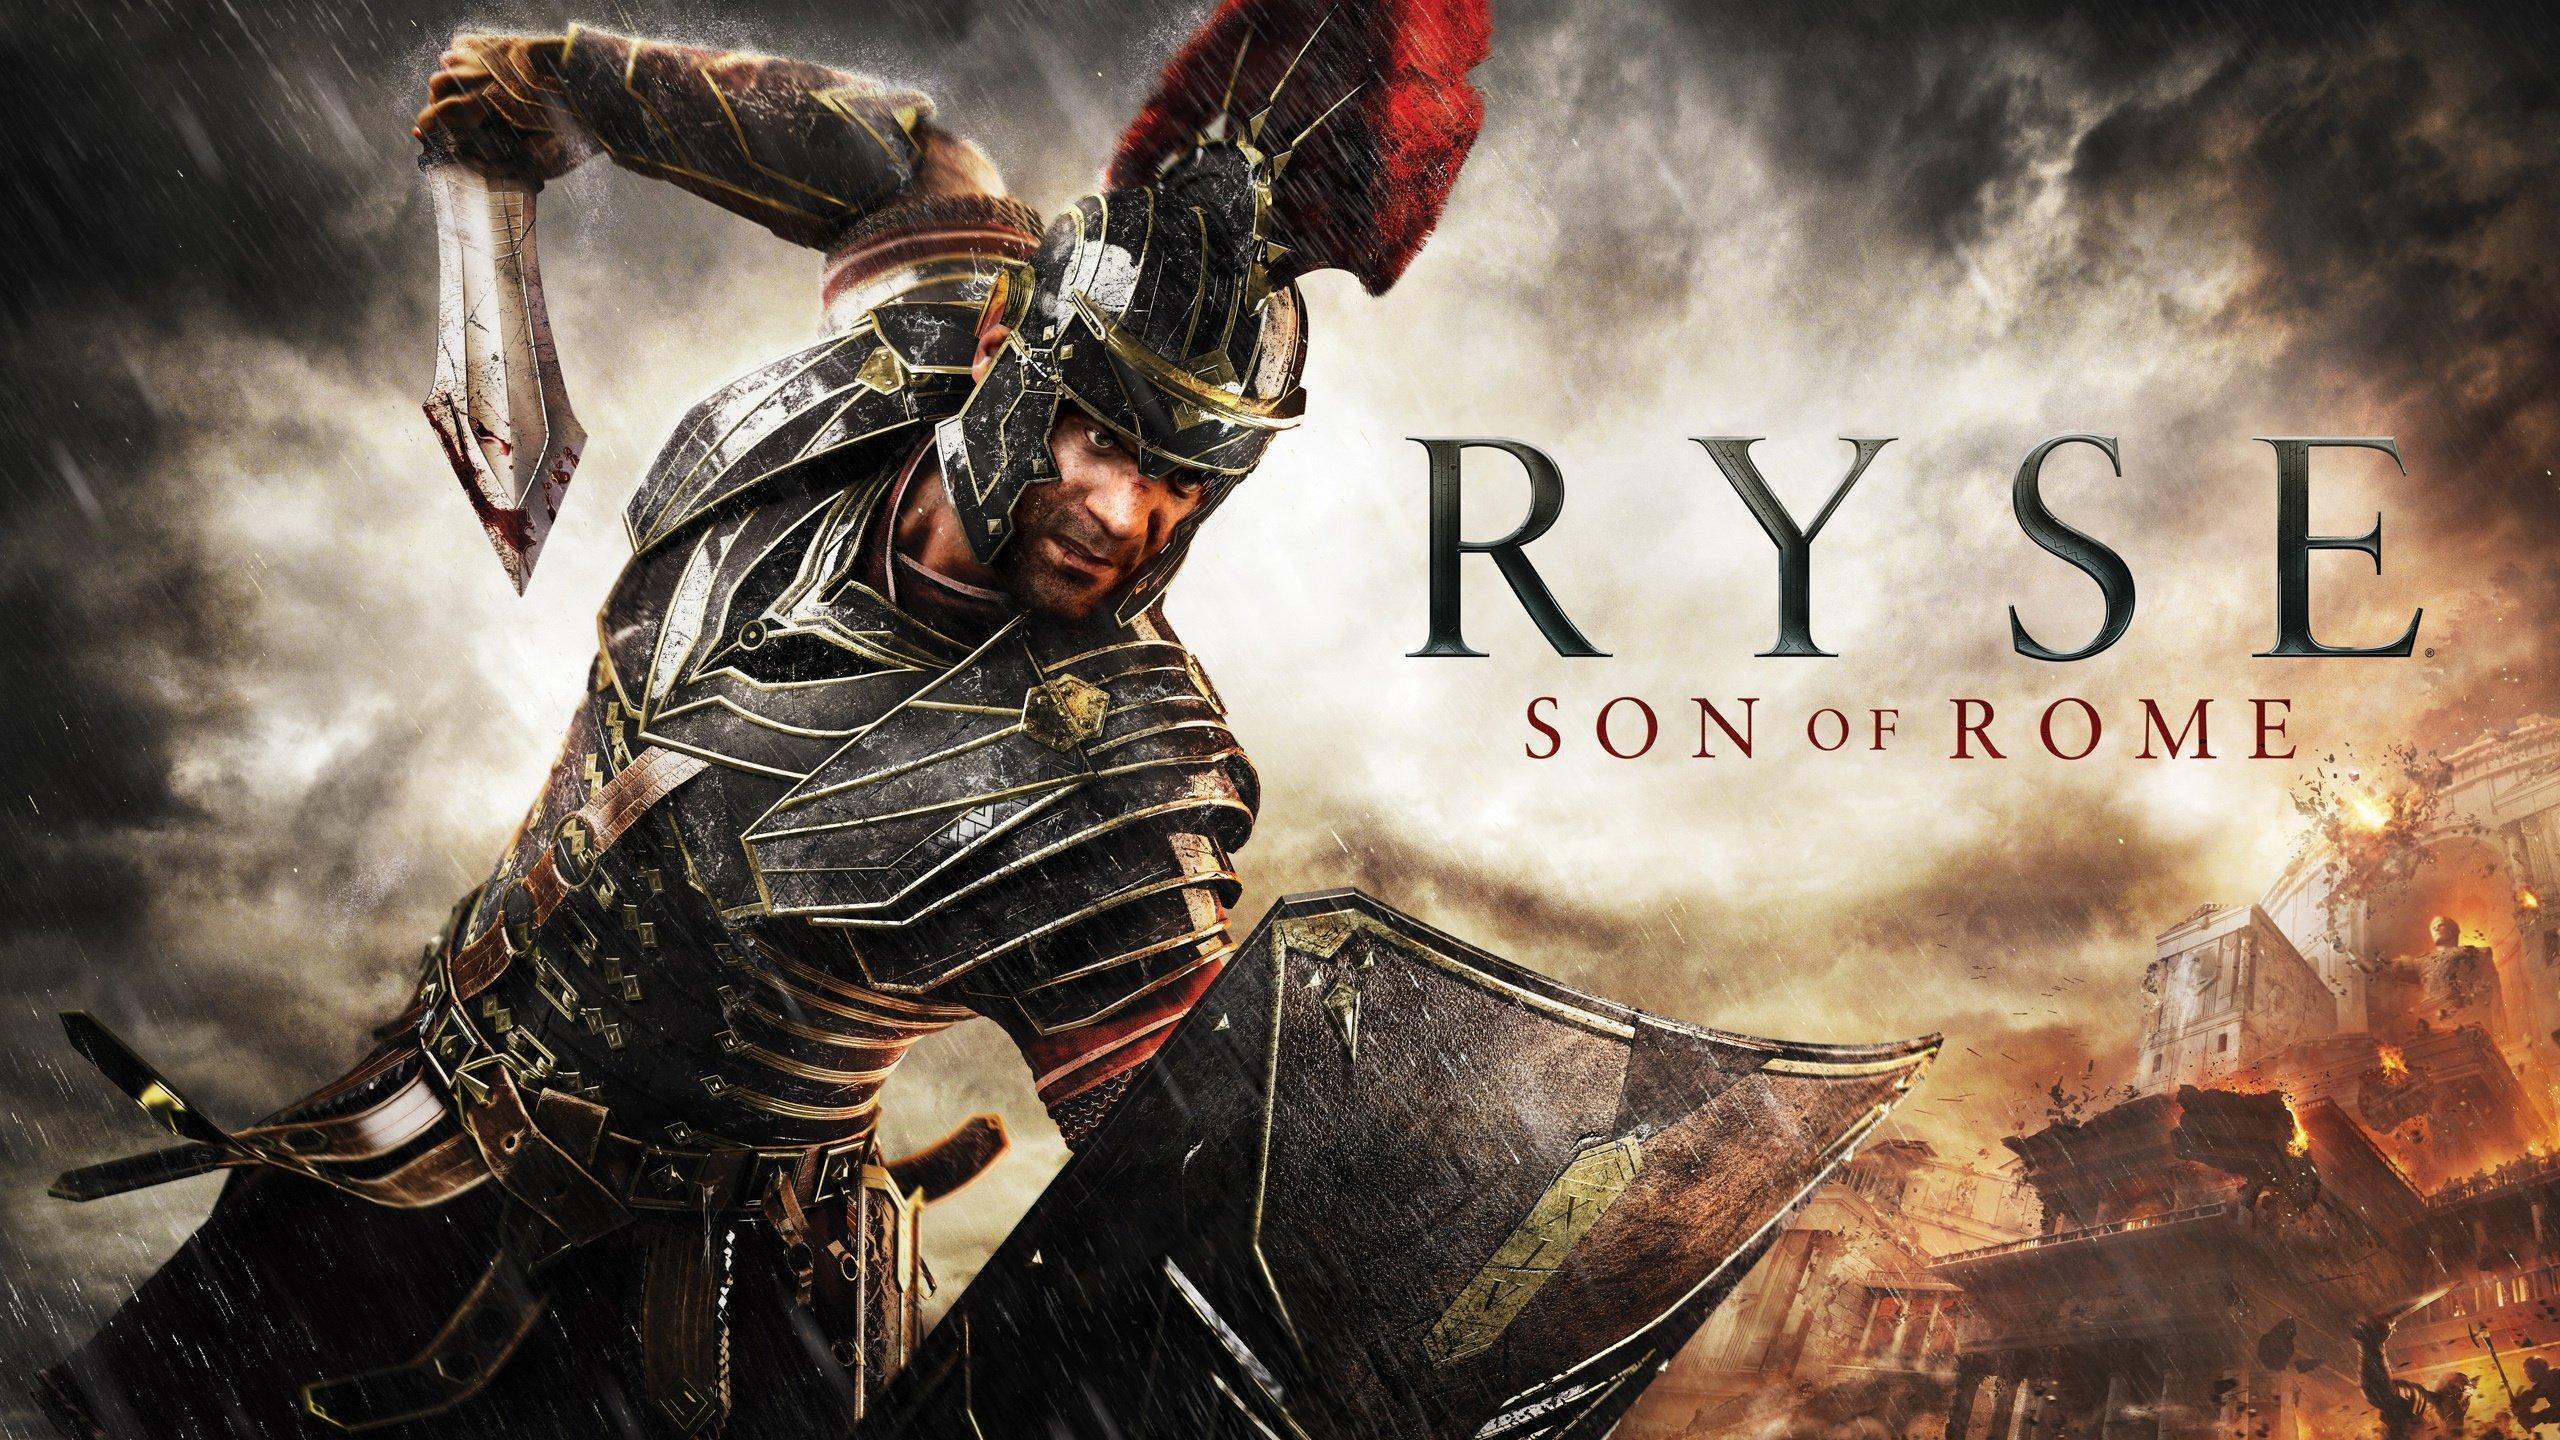 Игра Ryse: Сын Рима официально выйдет на PC этой осенью. - Изображение 1